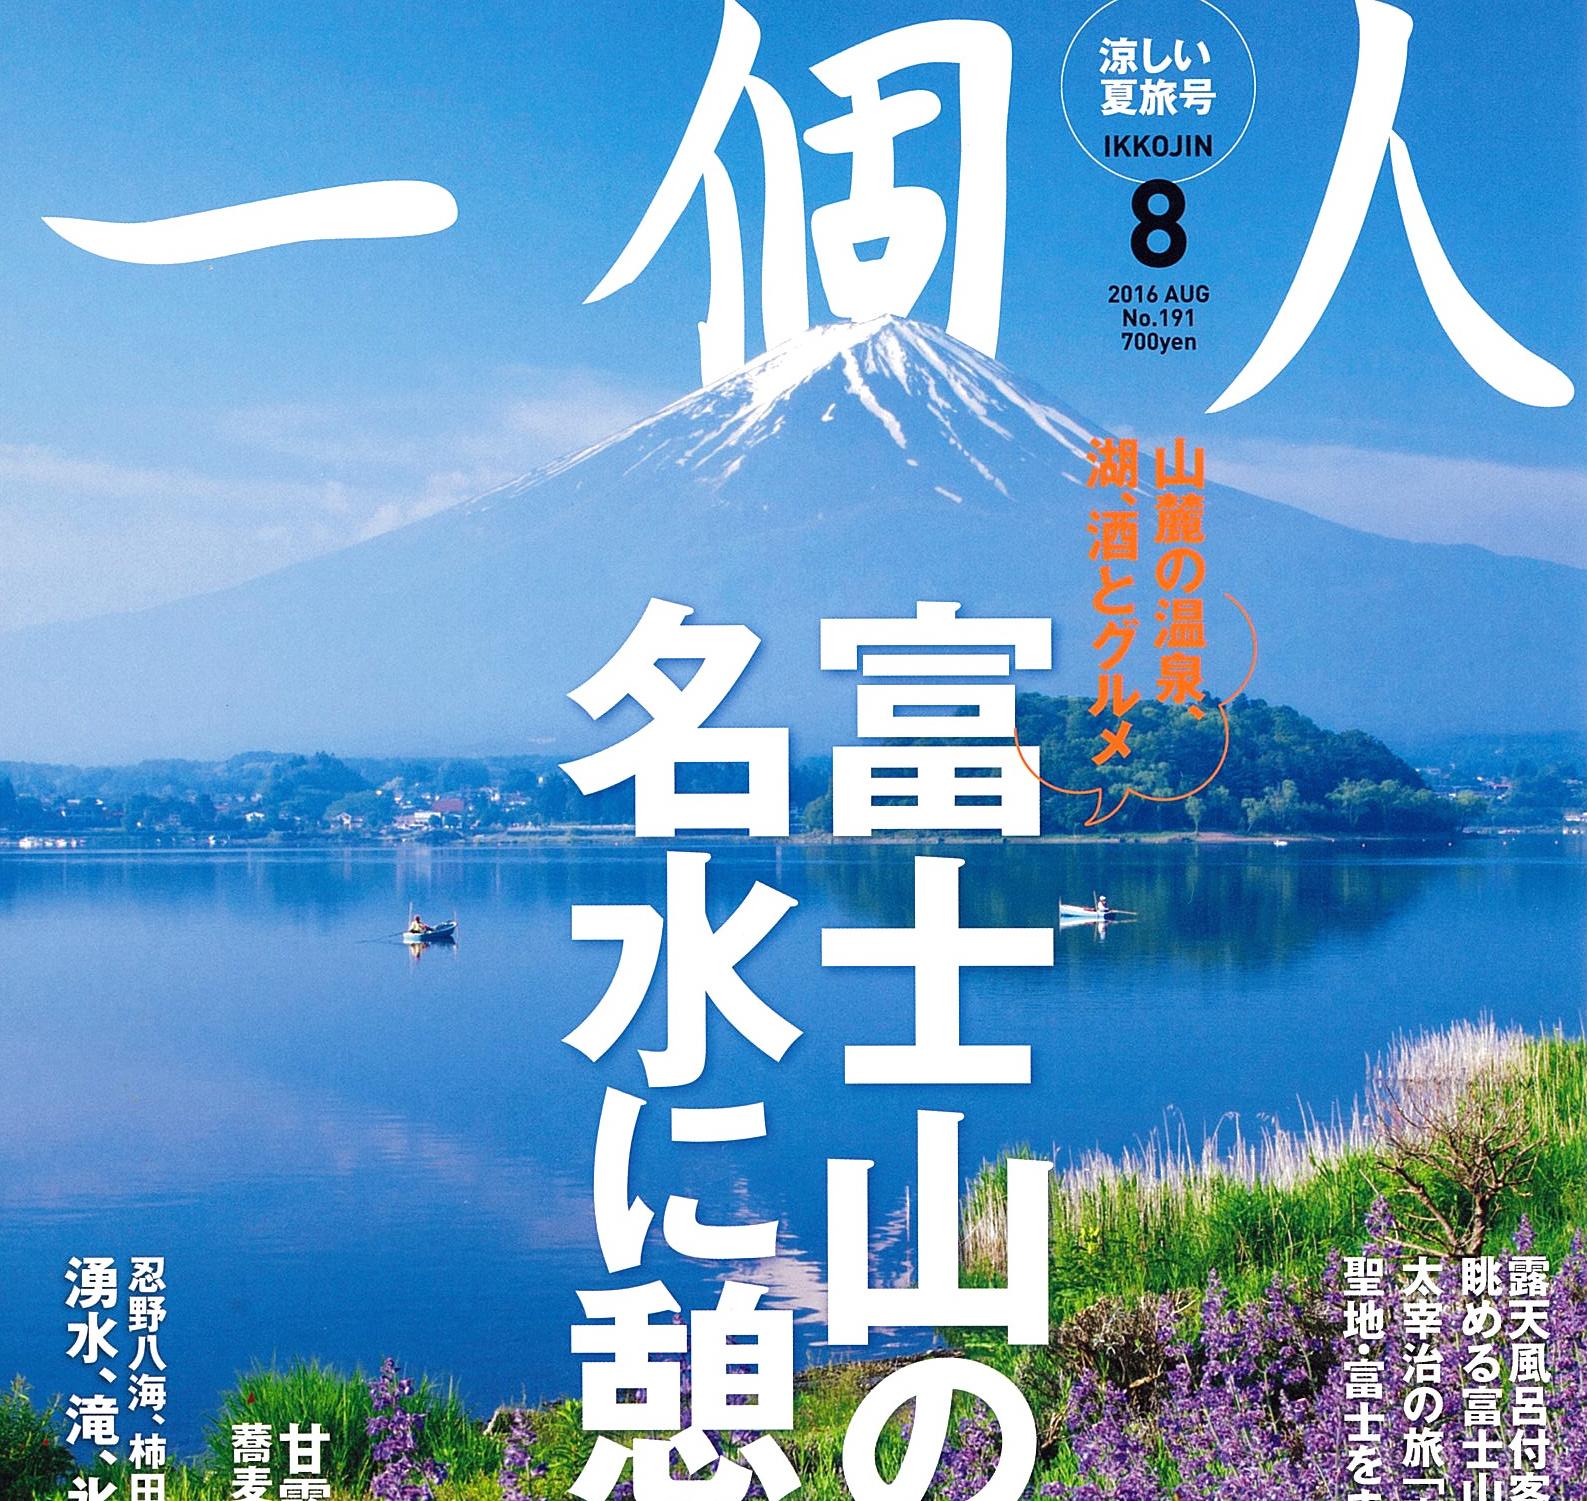 特集「富士山の名水に憩う」 第2特集「夏の日本酒を愉しむ」